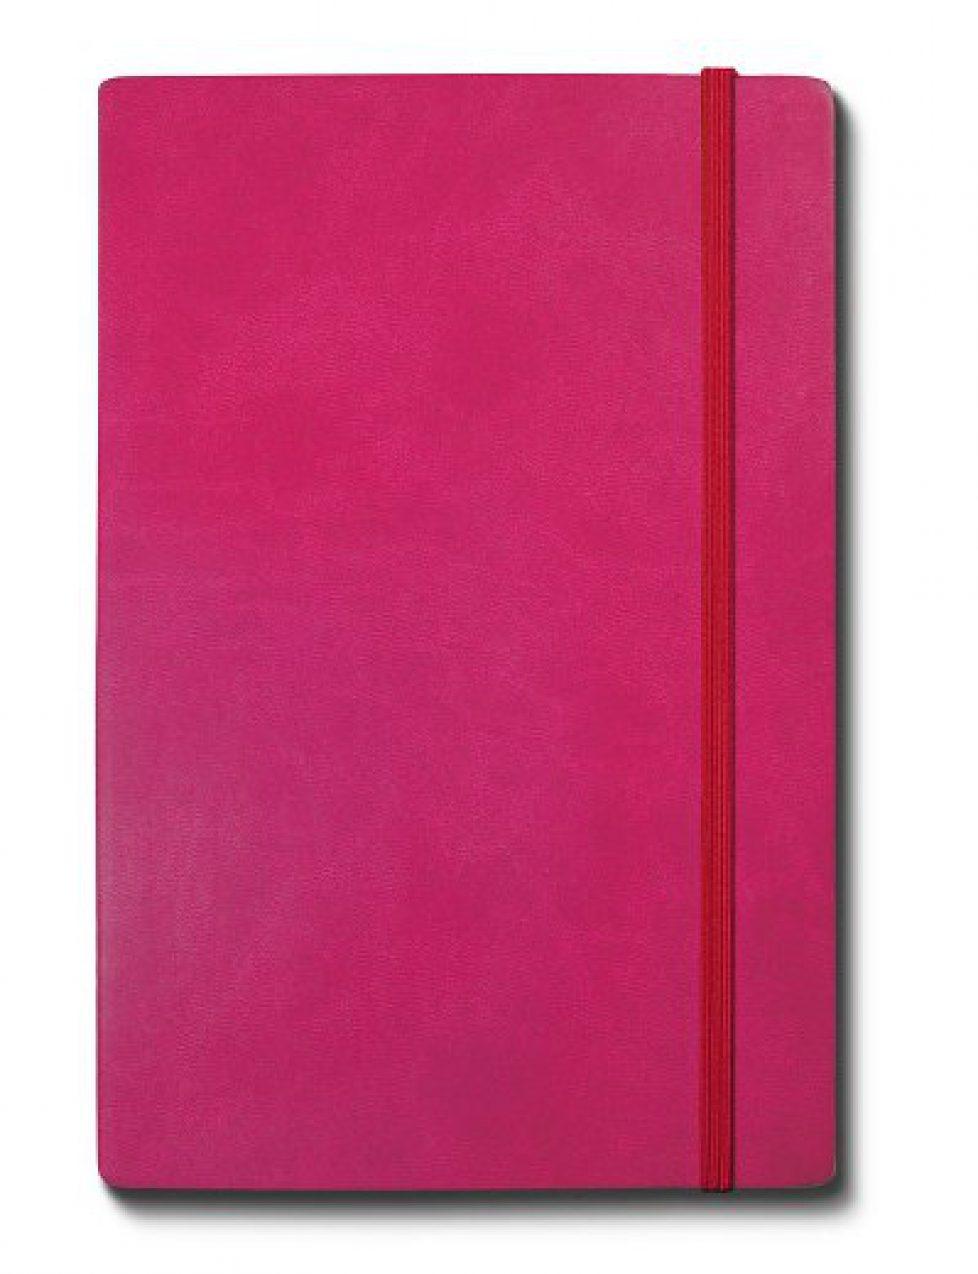 LEG1351951-Carnet-de-Notes-Rose-614x800